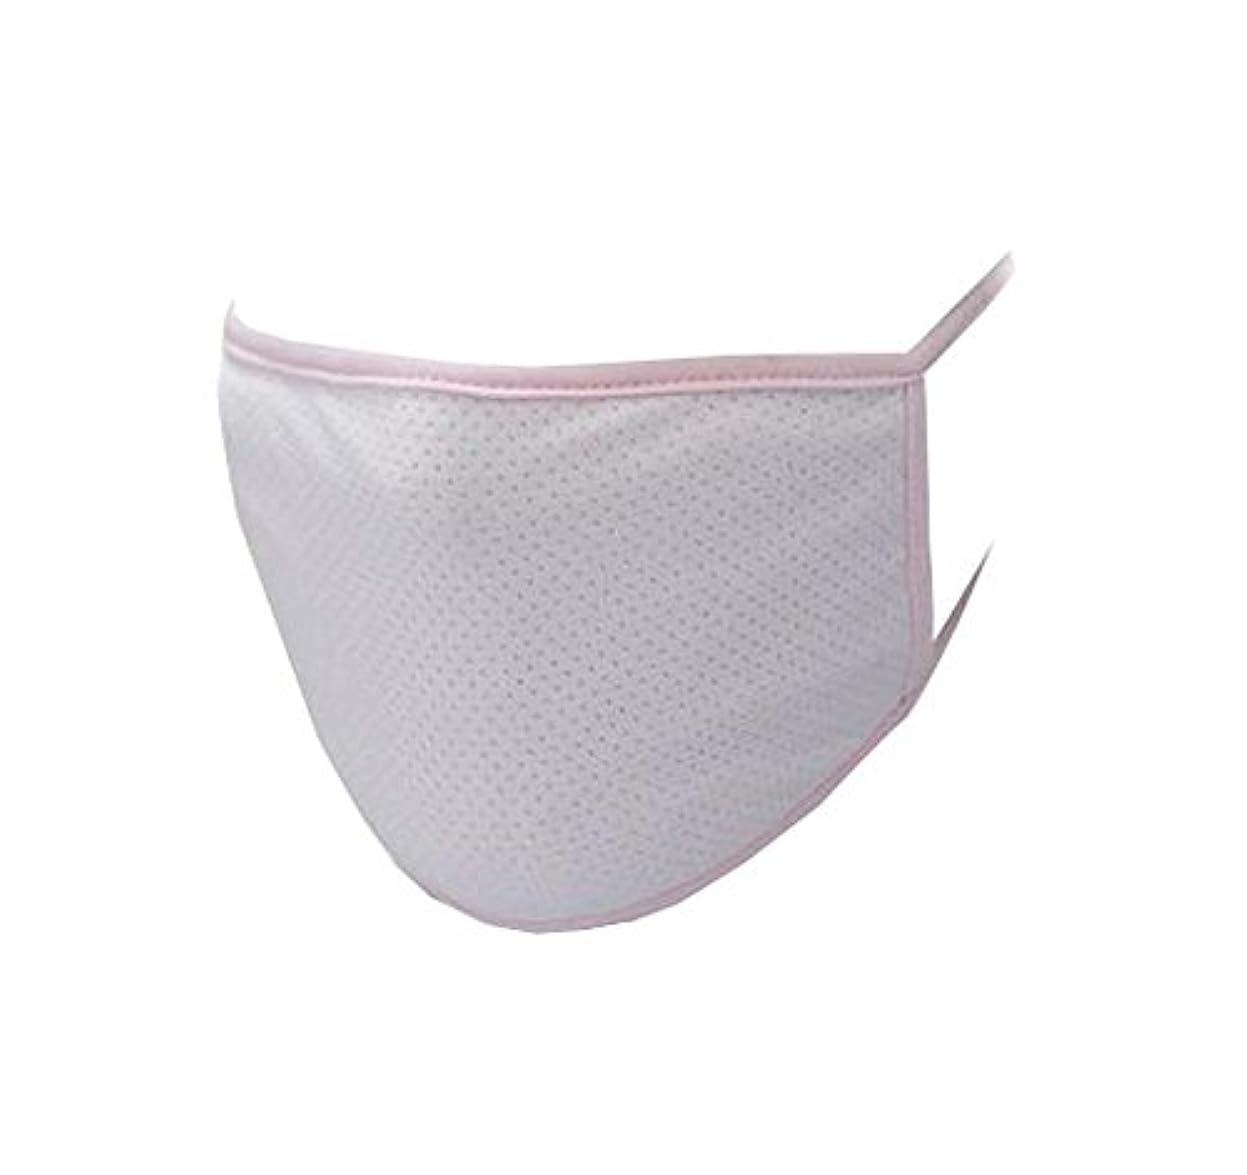 拍手蛾爆発物口マスク、再使用可能フィルター - 埃、花粉、アレルゲン、抗UV、およびインフルエンザ菌 - D